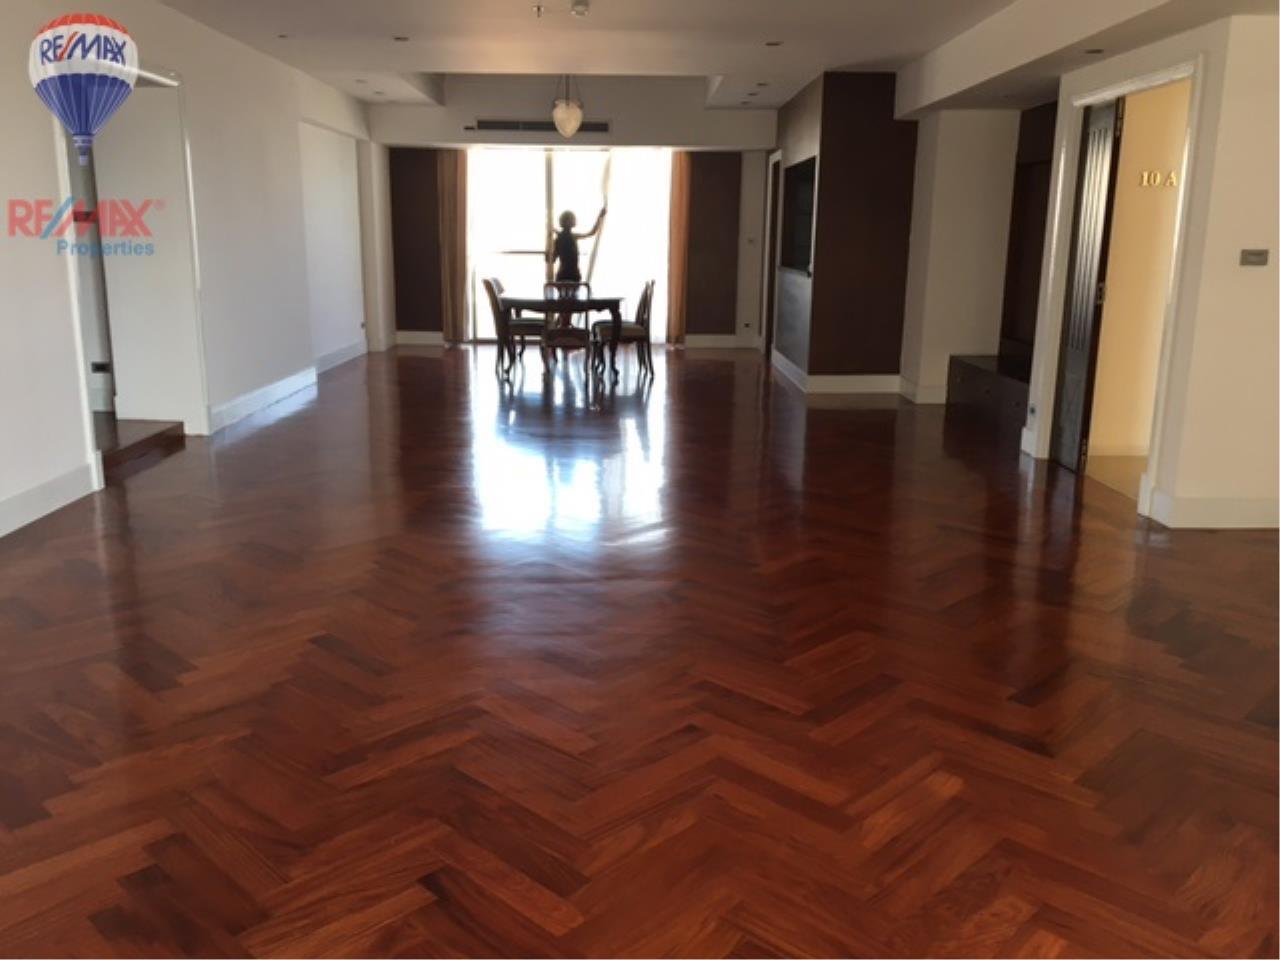 RE/MAX Properties Agency's 4 Bedroom 330 Sq.m high floor for rent in Soi 39 8